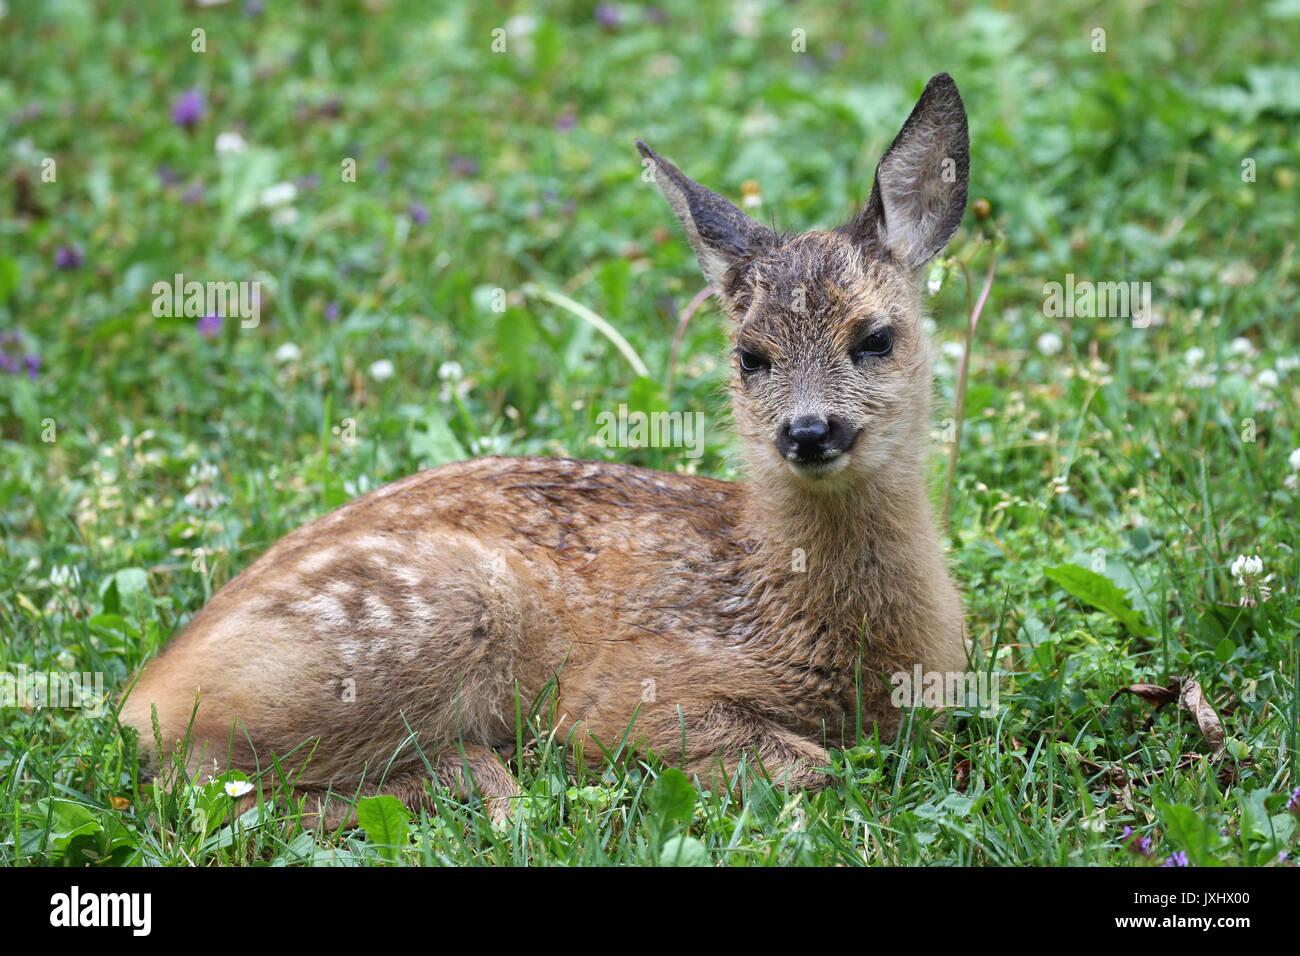 Reh (Capreolus capreolus), Fawn, fünf Wochen alt und liegt in der Wiese, Allgäu, Bayern, Deutschland Stockbild